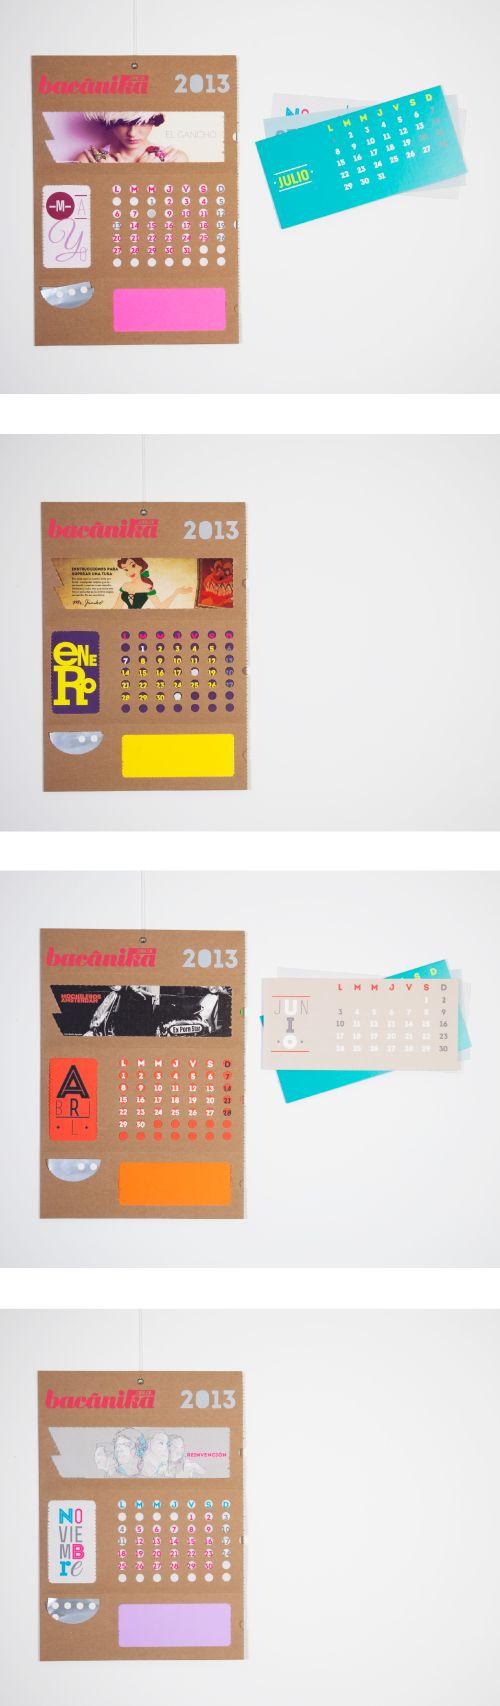 Calendario Bacánika / www.estudio201.com Calendario promocional, muestra de forma general el tono de la revista y algunas de sus secciones de forma INTERACTIVA además de  utilizar materiales y tintas reciclables amigables con el medio ambiente. Dirección artística: diseño, fotografía, composición de piezas gráficas del producto en general.